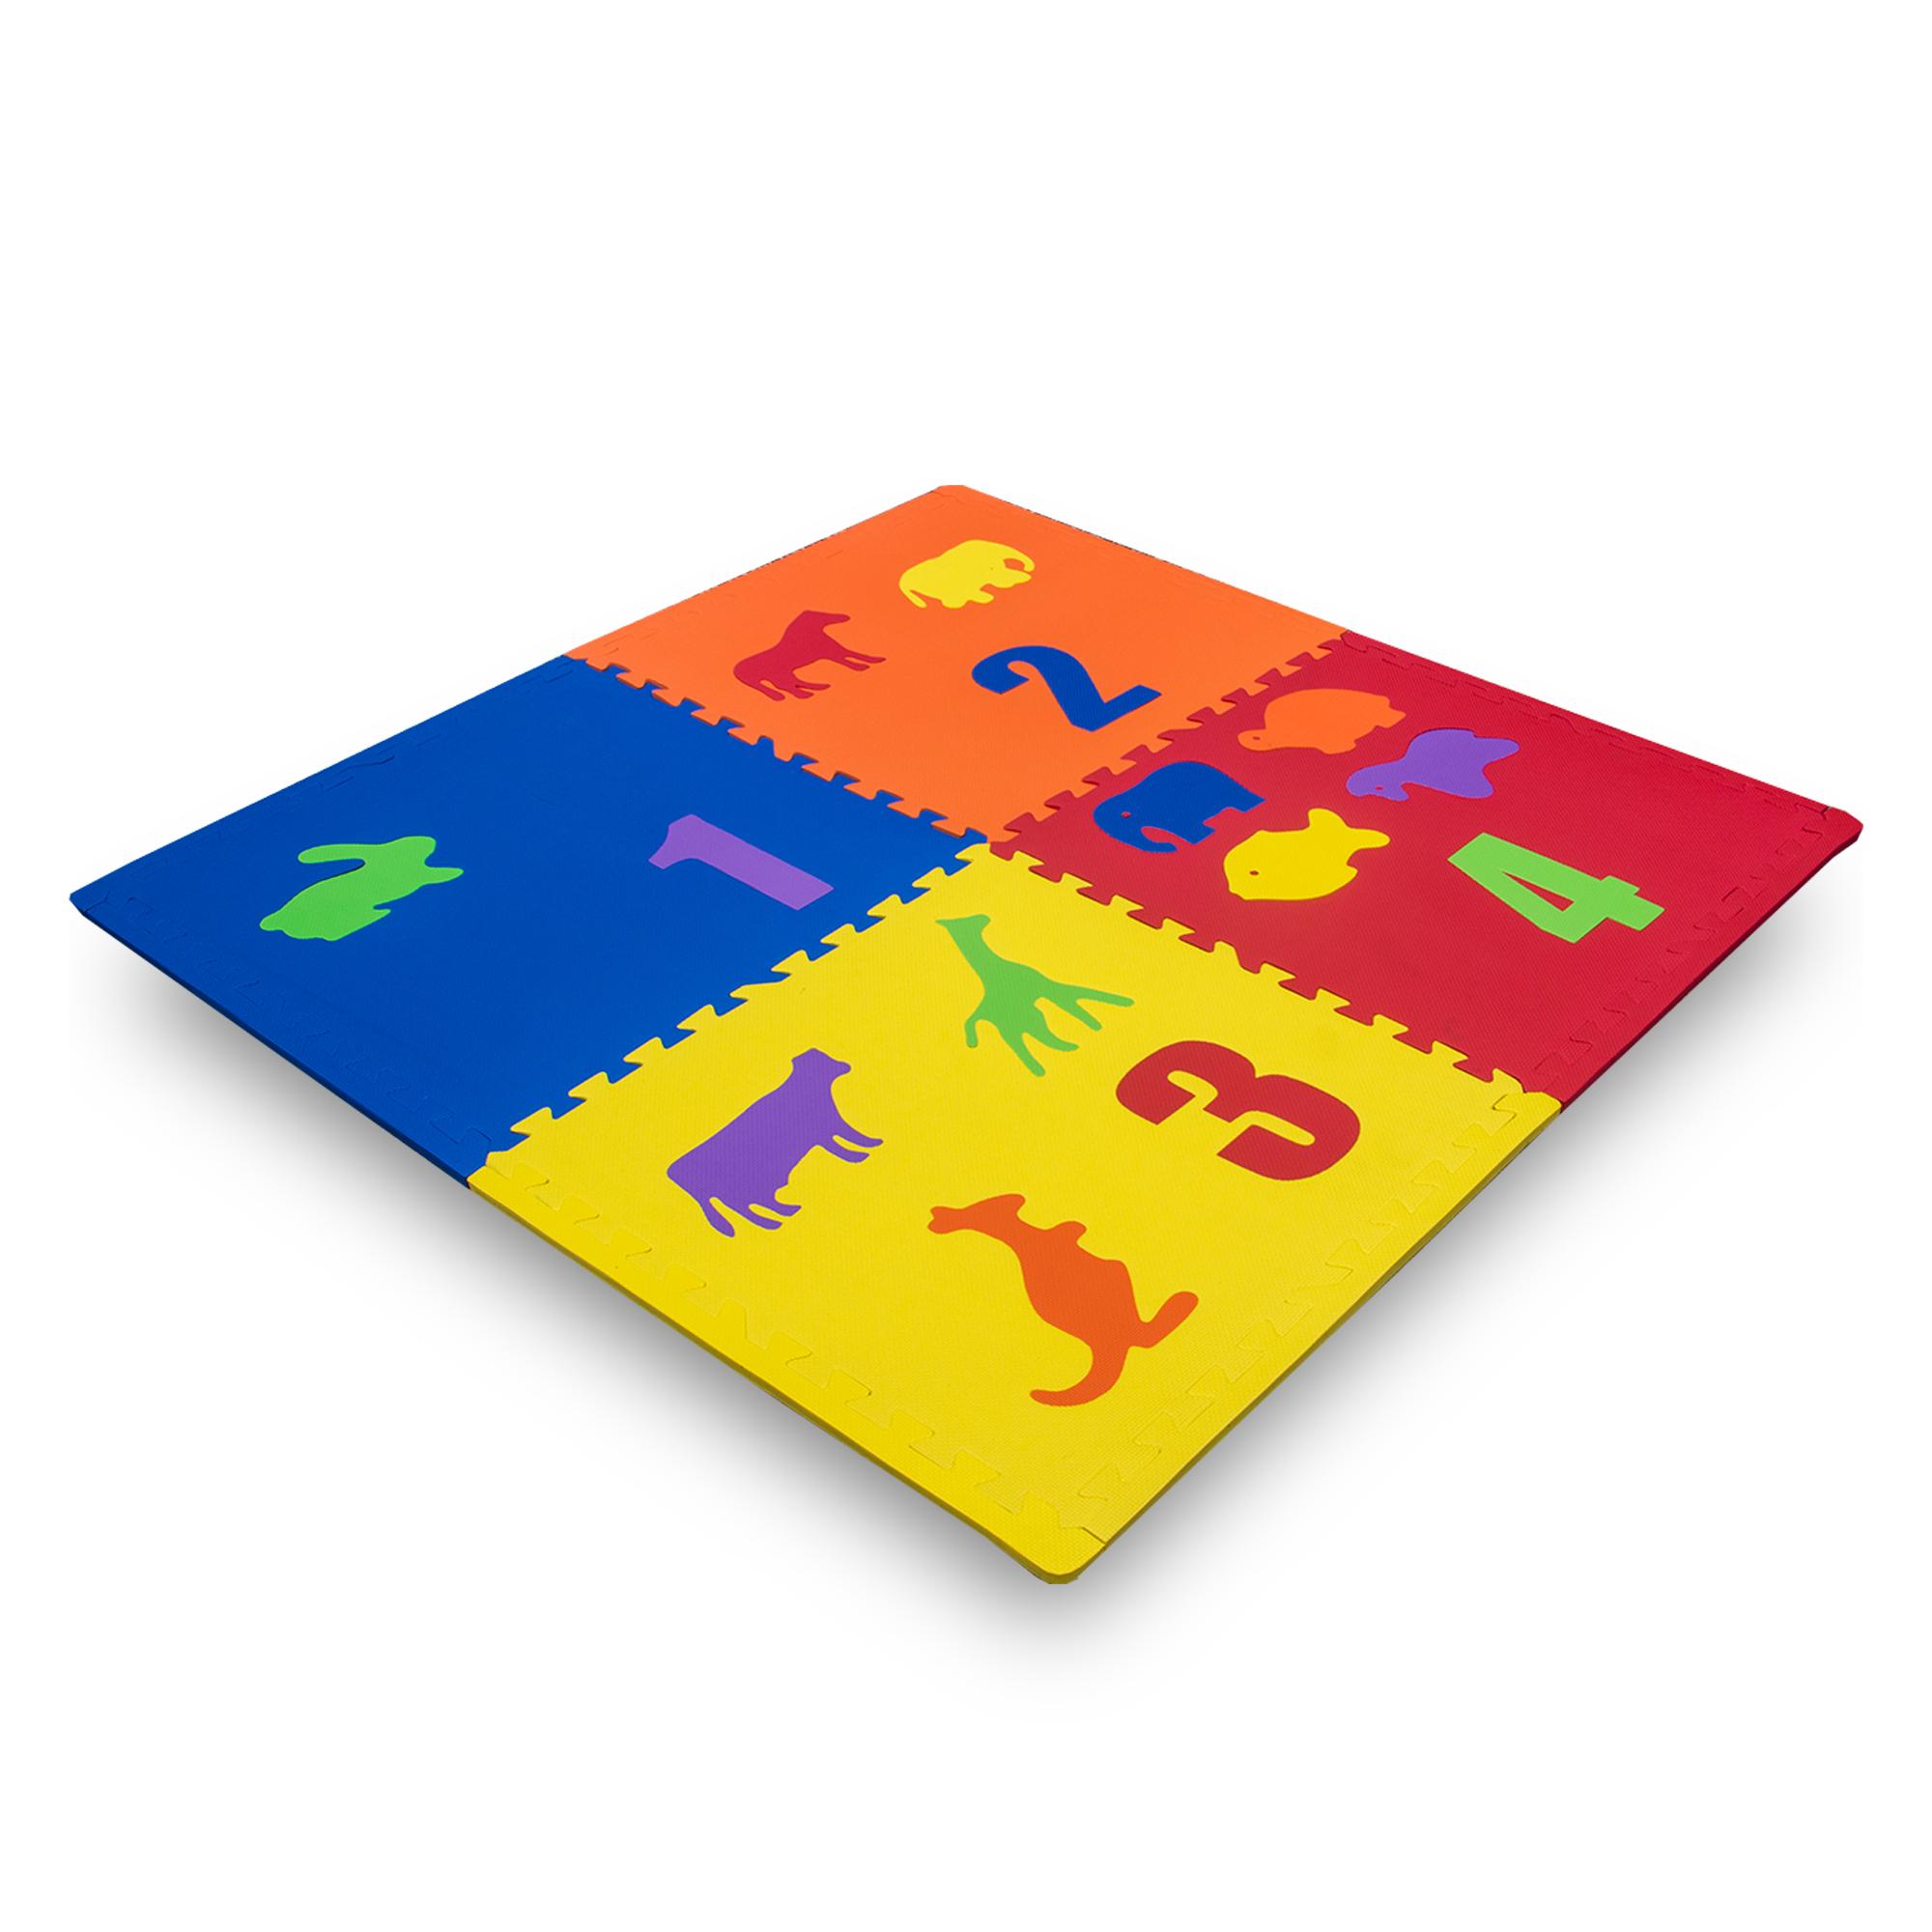 """ANCLA PISO ENTRELAZABLE DE FIGURAS TROQUELADAS - De venta por set de 4 unidades incluye 8 orillasDisponible diferentes grosores y colores.Medida: 24""""X24""""X1/2"""""""